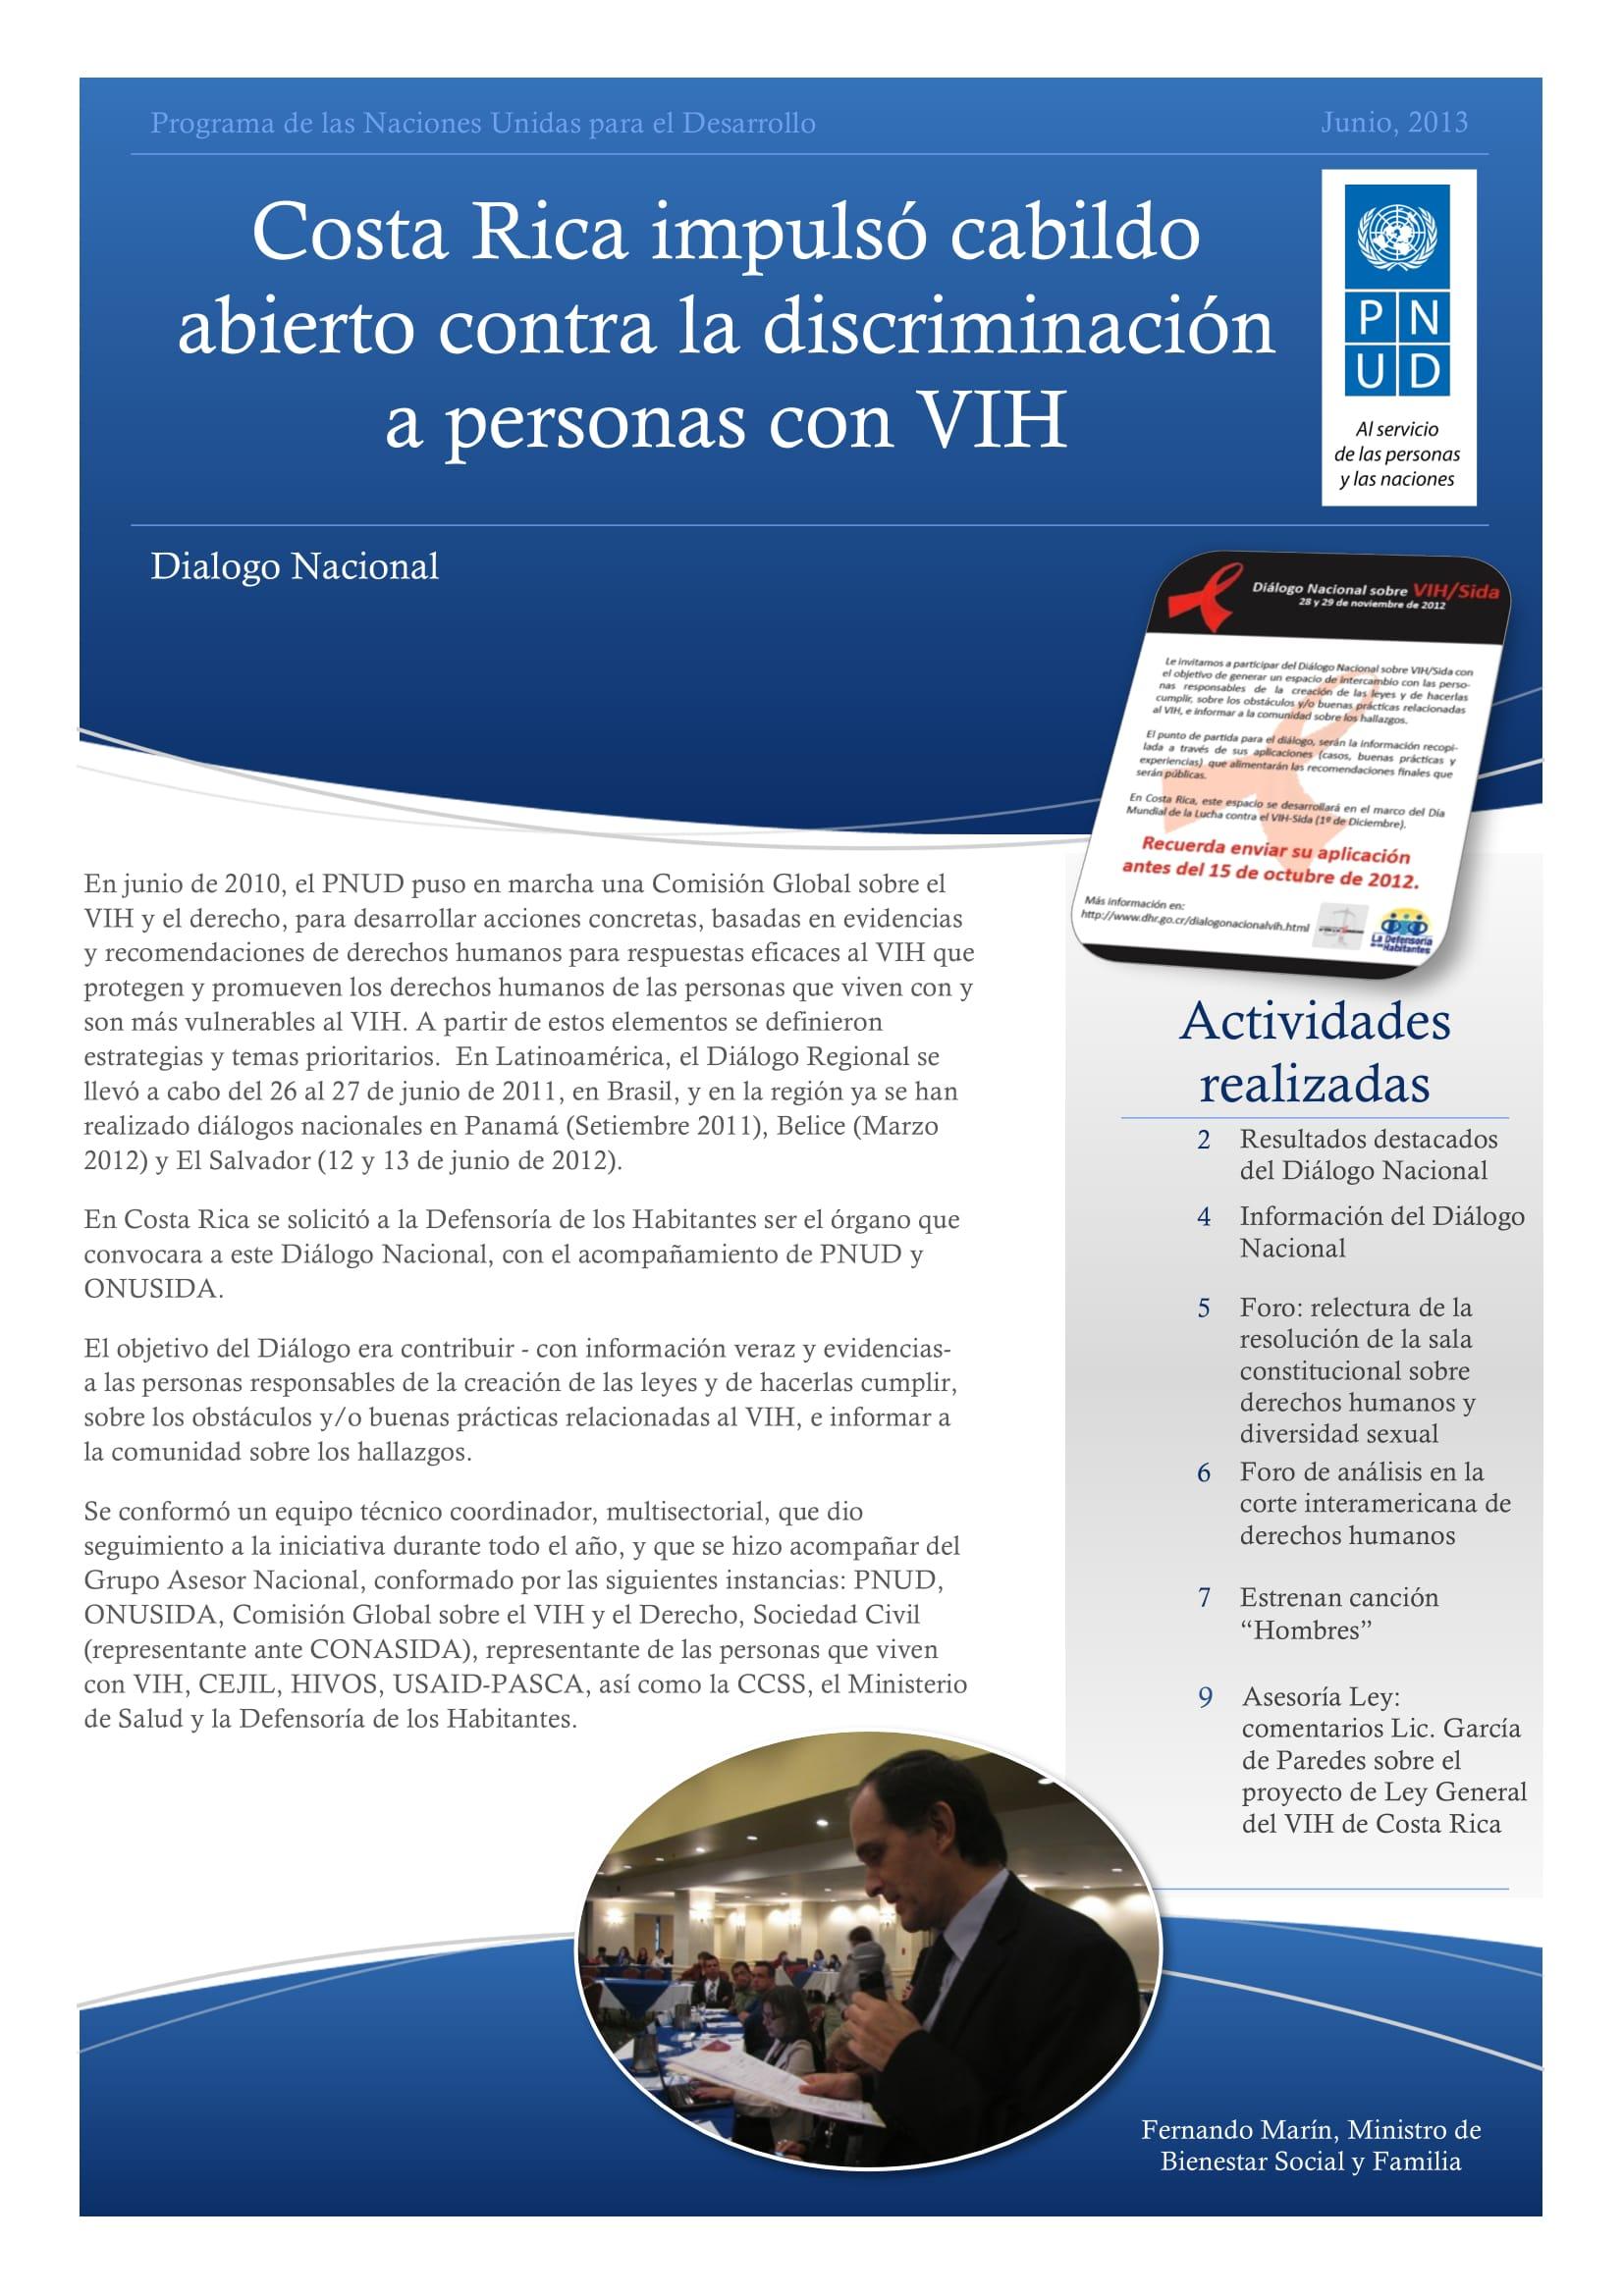 Costa Rica impulsó cabildo abierto contra la discriminación a personas con VIH